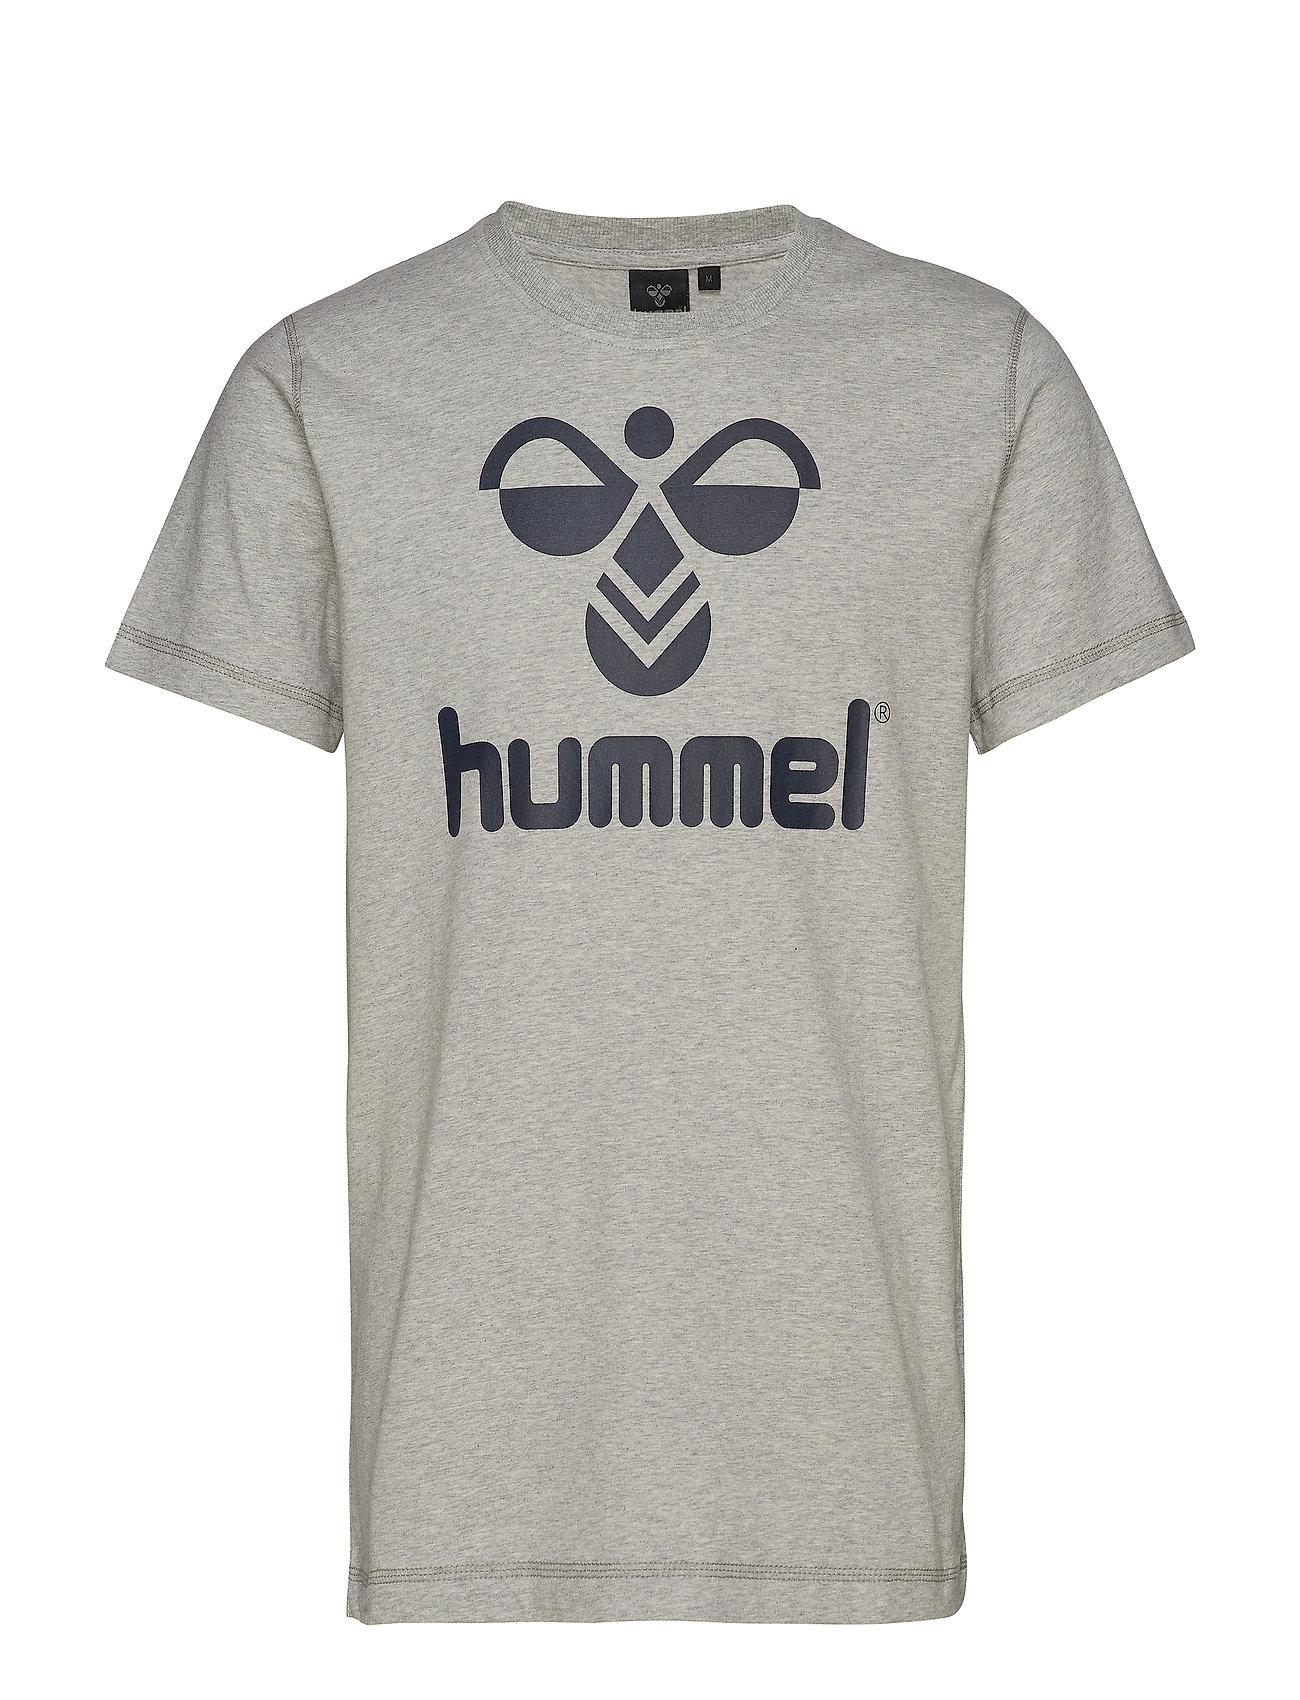 Hummel CLASSIC BEE COTTON TEE - GREY MELANGE